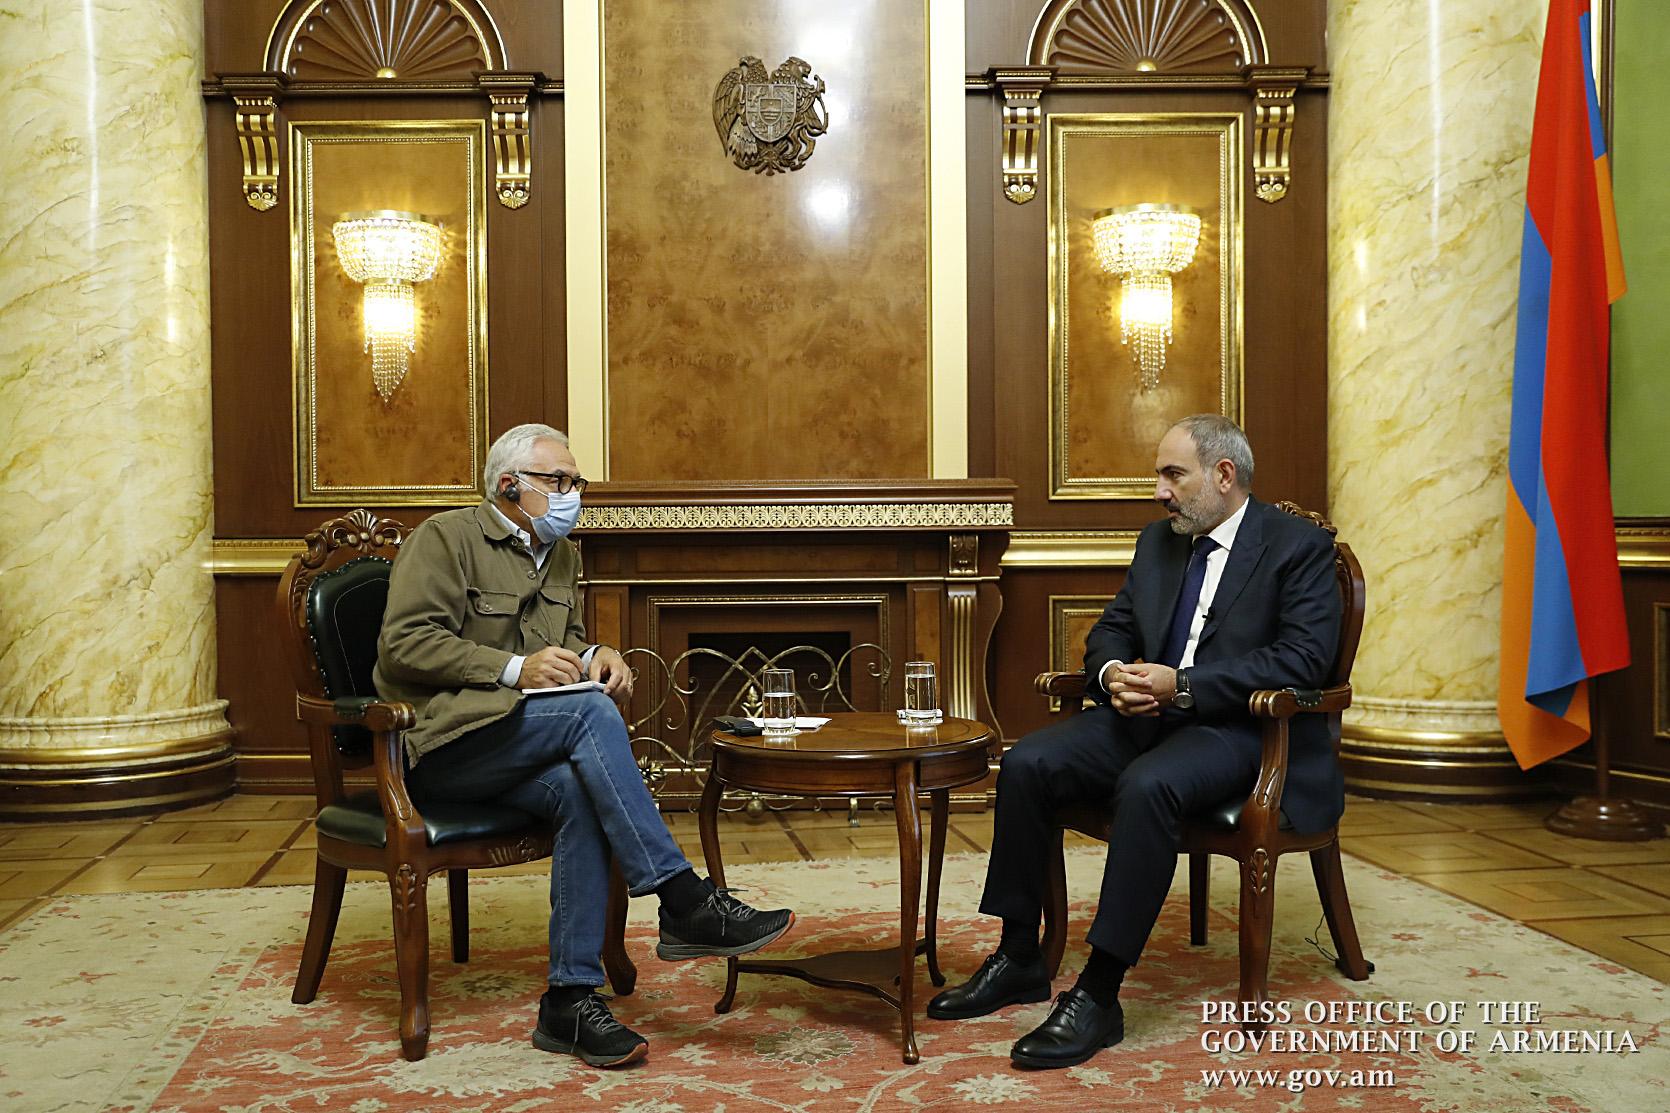 Photo of Способом остановить угрозу геноцида -признание независимости Нагорного Карабаха международным сообществом. Никол Пашинян в интервью La Republicа